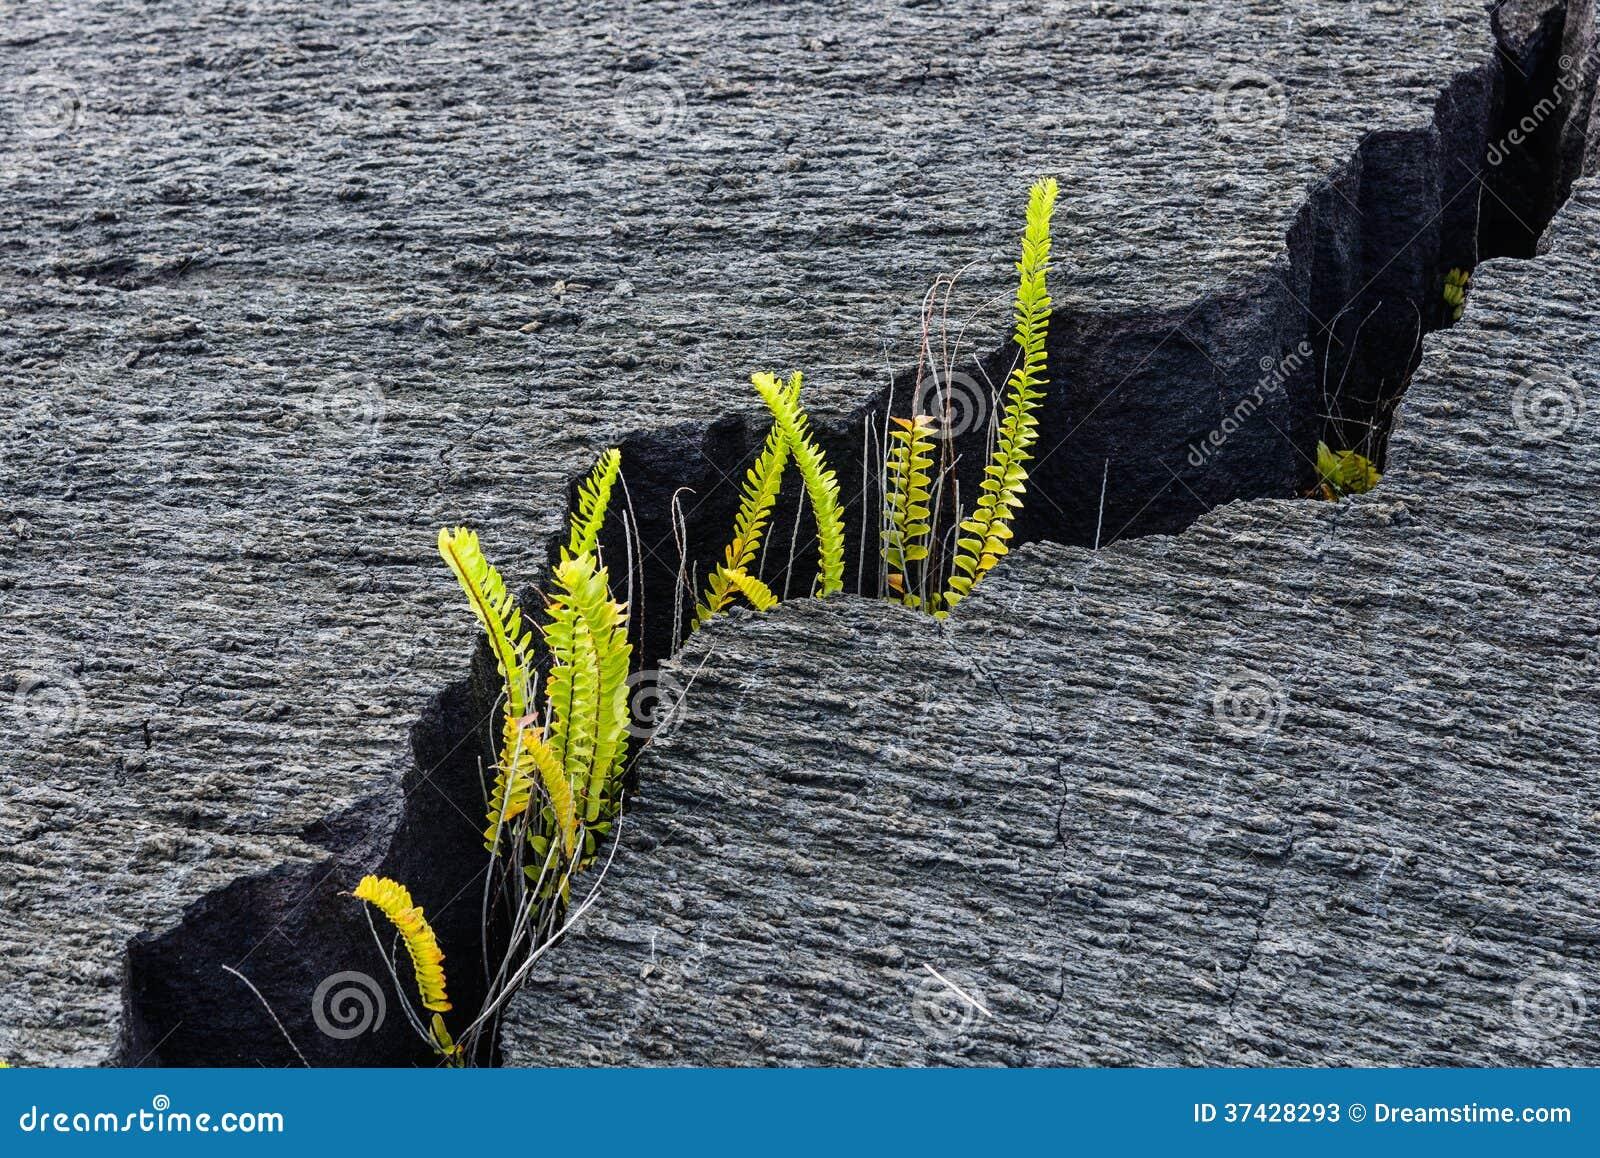 Pianta verde che cresce in una crepa in lava asciutta for Pianta da pavimento verde